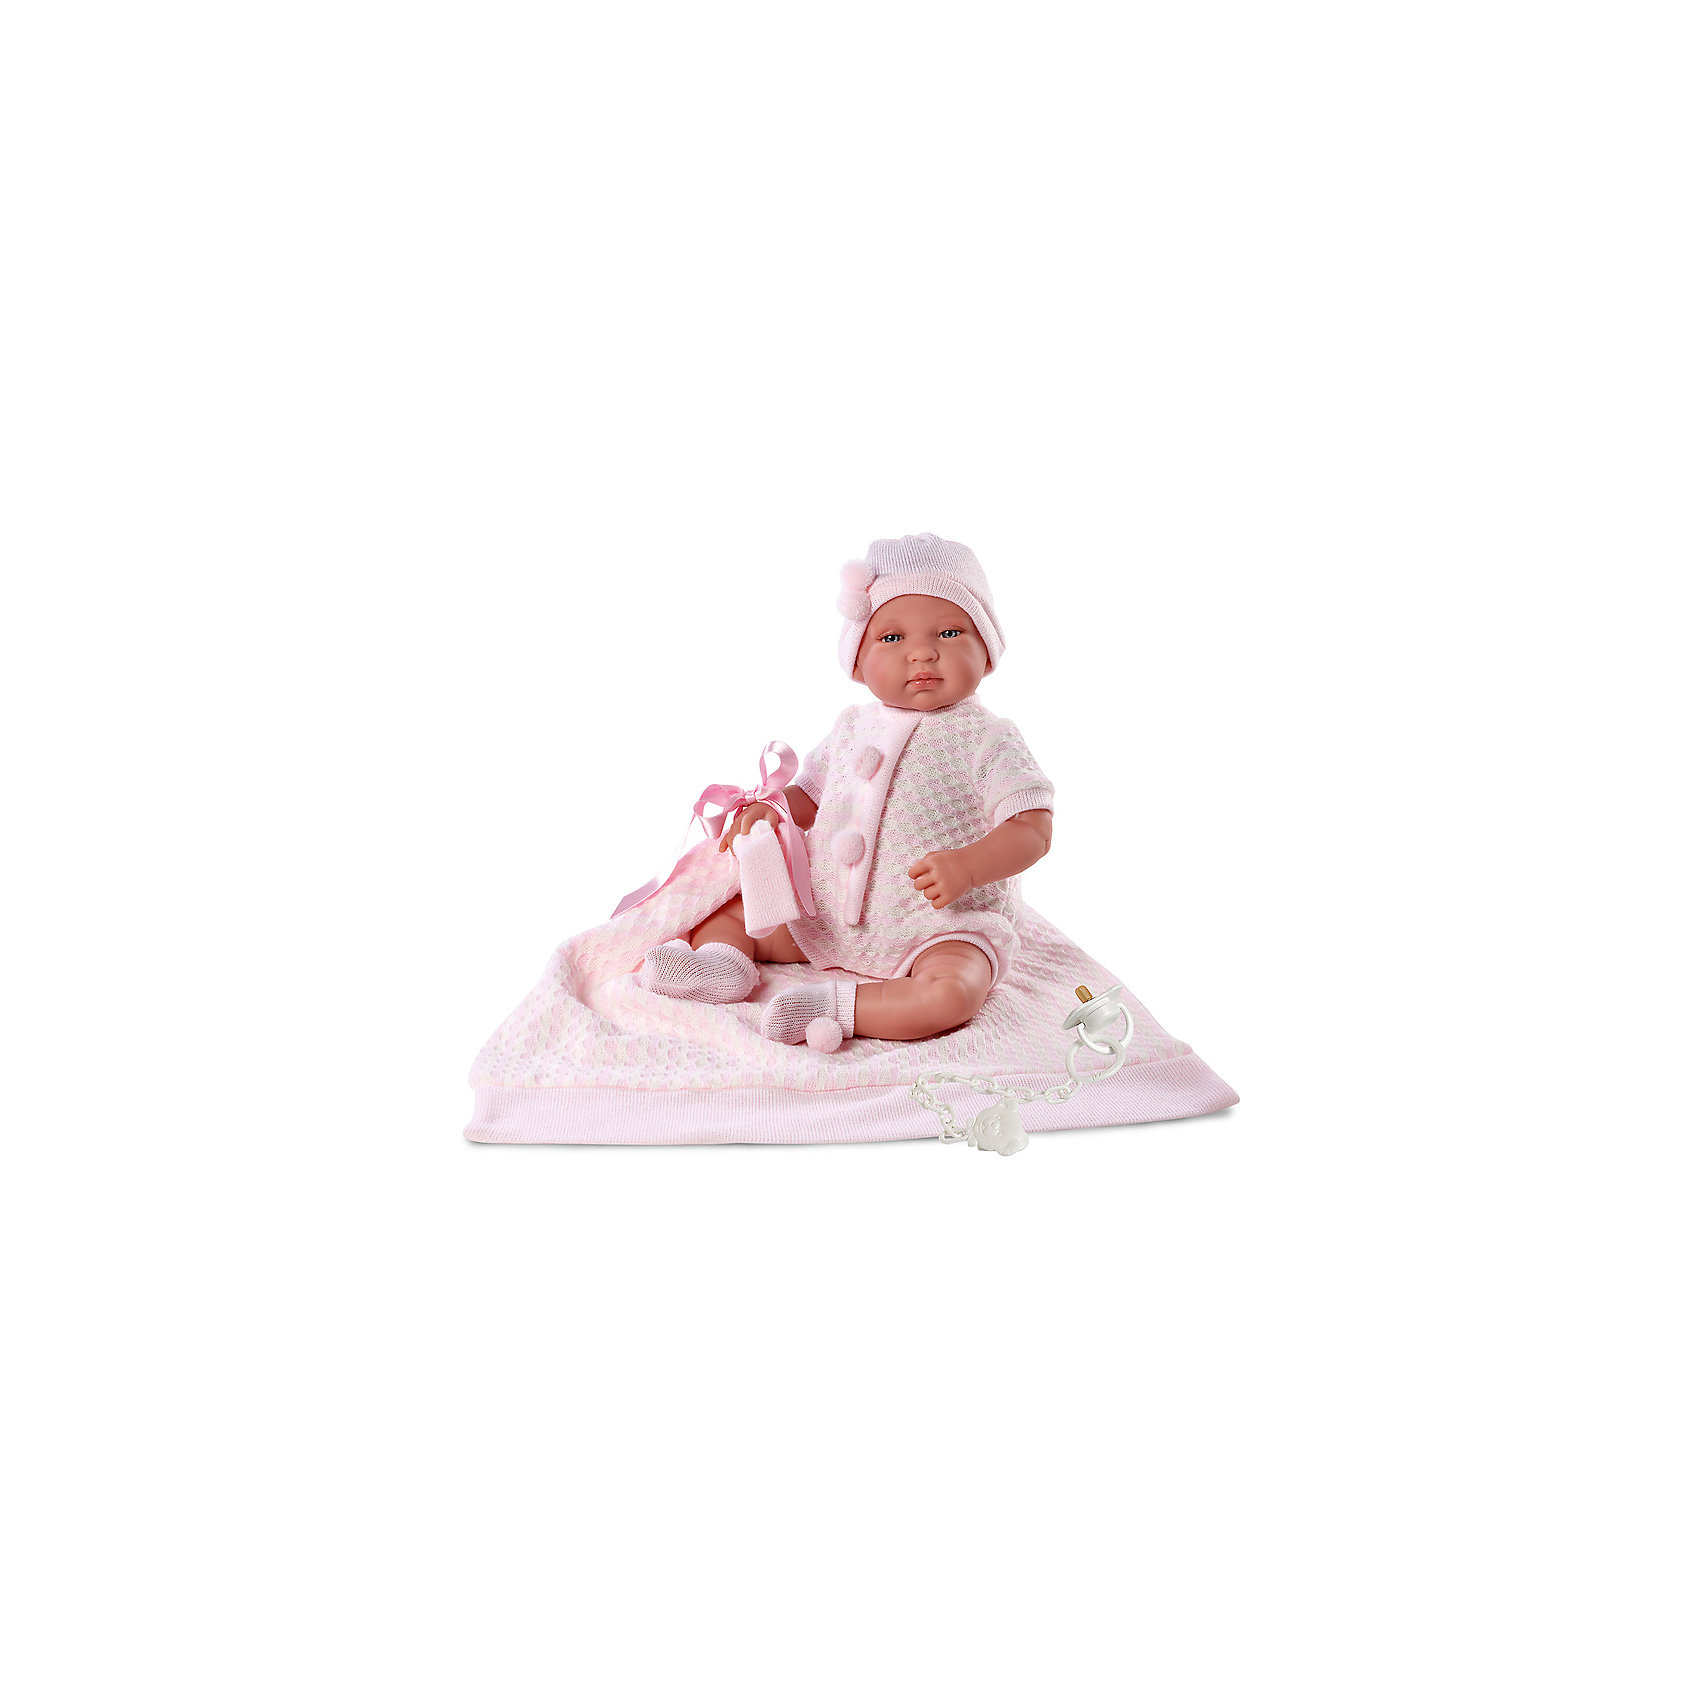 Пупс с одеялом, 43 см, LlorensКуклы-пупсы<br>Характеристики:<br><br>• Предназначение: для сюжетно-ролевых игр<br>• Тип куклы: мягконабивная<br>• Пол куклы: девочка <br>• Волосы: прорисованные<br>• Материал: поливинилхлорид, пластик, текстиль<br>• Цвет: розовый<br>• Высота куклы: 43 см<br>• Комплектация: кукла, кофточка, шортики, чепчик, носочки, одеяло, соска с держателем<br>• Вес: 1 кг 400 г<br>• Размеры упаковки (Д*В*Ш): 23*46*13 см<br>• Упаковка: подарочная картонная коробка <br>• Особенности ухода: допускается деликатная стирка без использования красящих и отбеливающих средств предметов одежды куклы<br><br>Кукла младенец 43 см без звука с одеялом – пупс, производителем которого является всемирно известный испанский кукольный бренд Llorens. Куклы этой торговой марки имеют свою неповторимую внешность и целую линейку образов как пупсов, так и кукол-малышей. Игрушки выполнены из сочетания поливинилхлорида и пластика, что позволяет с высокой долей достоверности воссоздать физиологические и мимические особенности маленьких детей. При изготовлении кукол Llorens используются только сертифицированные материалы, безопасные и не вызывающие аллергических реакций. Волосы у кукол-пупсов прорисованные; ручки и ножки двигаются.<br>Кукла младенец 43 см без звука с одеялом выполнена в образе малышки: голубые глазки и пухлые щечки создают невероятно очаровательный и милый образ. В комплект одежды входит розовый комбинезончик, выполненный ажурной вязкой, чепчик и носочки с помпончиками. В наборе имеется одеяло-плед и соска с держателем.<br>Кукла младенец 43 см с одеялом без звука – это идеальный вариант для подарка к различным праздникам и торжествам.<br><br>Куклу младенца 43 см без звука с одеялом можно купить в нашем интернет-магазине.<br><br>Ширина мм: 23<br>Глубина мм: 46<br>Высота мм: 13<br>Вес г: 1400<br>Возраст от месяцев: 36<br>Возраст до месяцев: 84<br>Пол: Женский<br>Возраст: Детский<br>SKU: 5086935